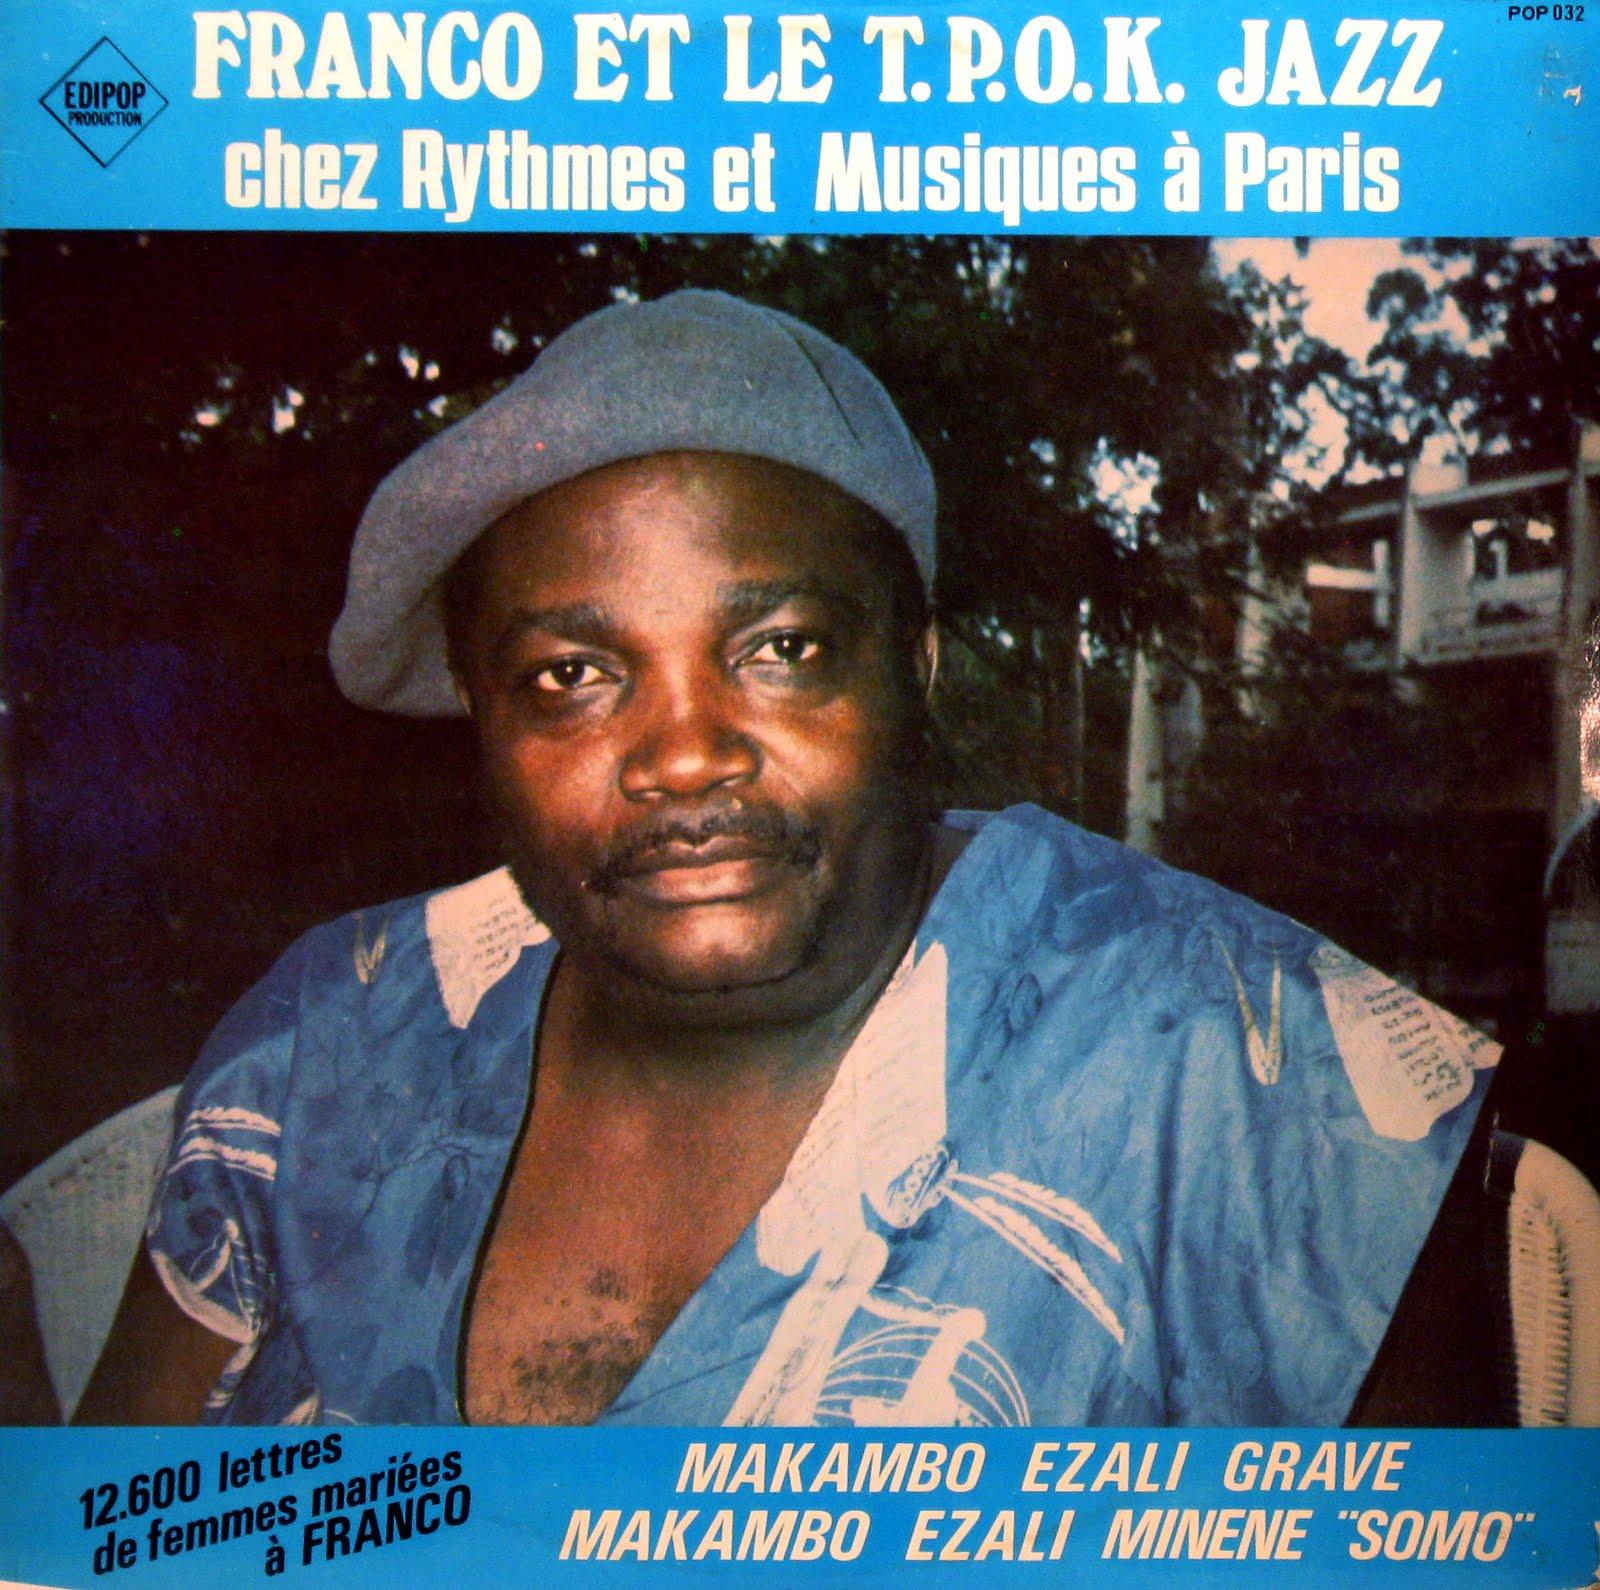 Orchestre TPOK Jazz Surboum African Jazz 13